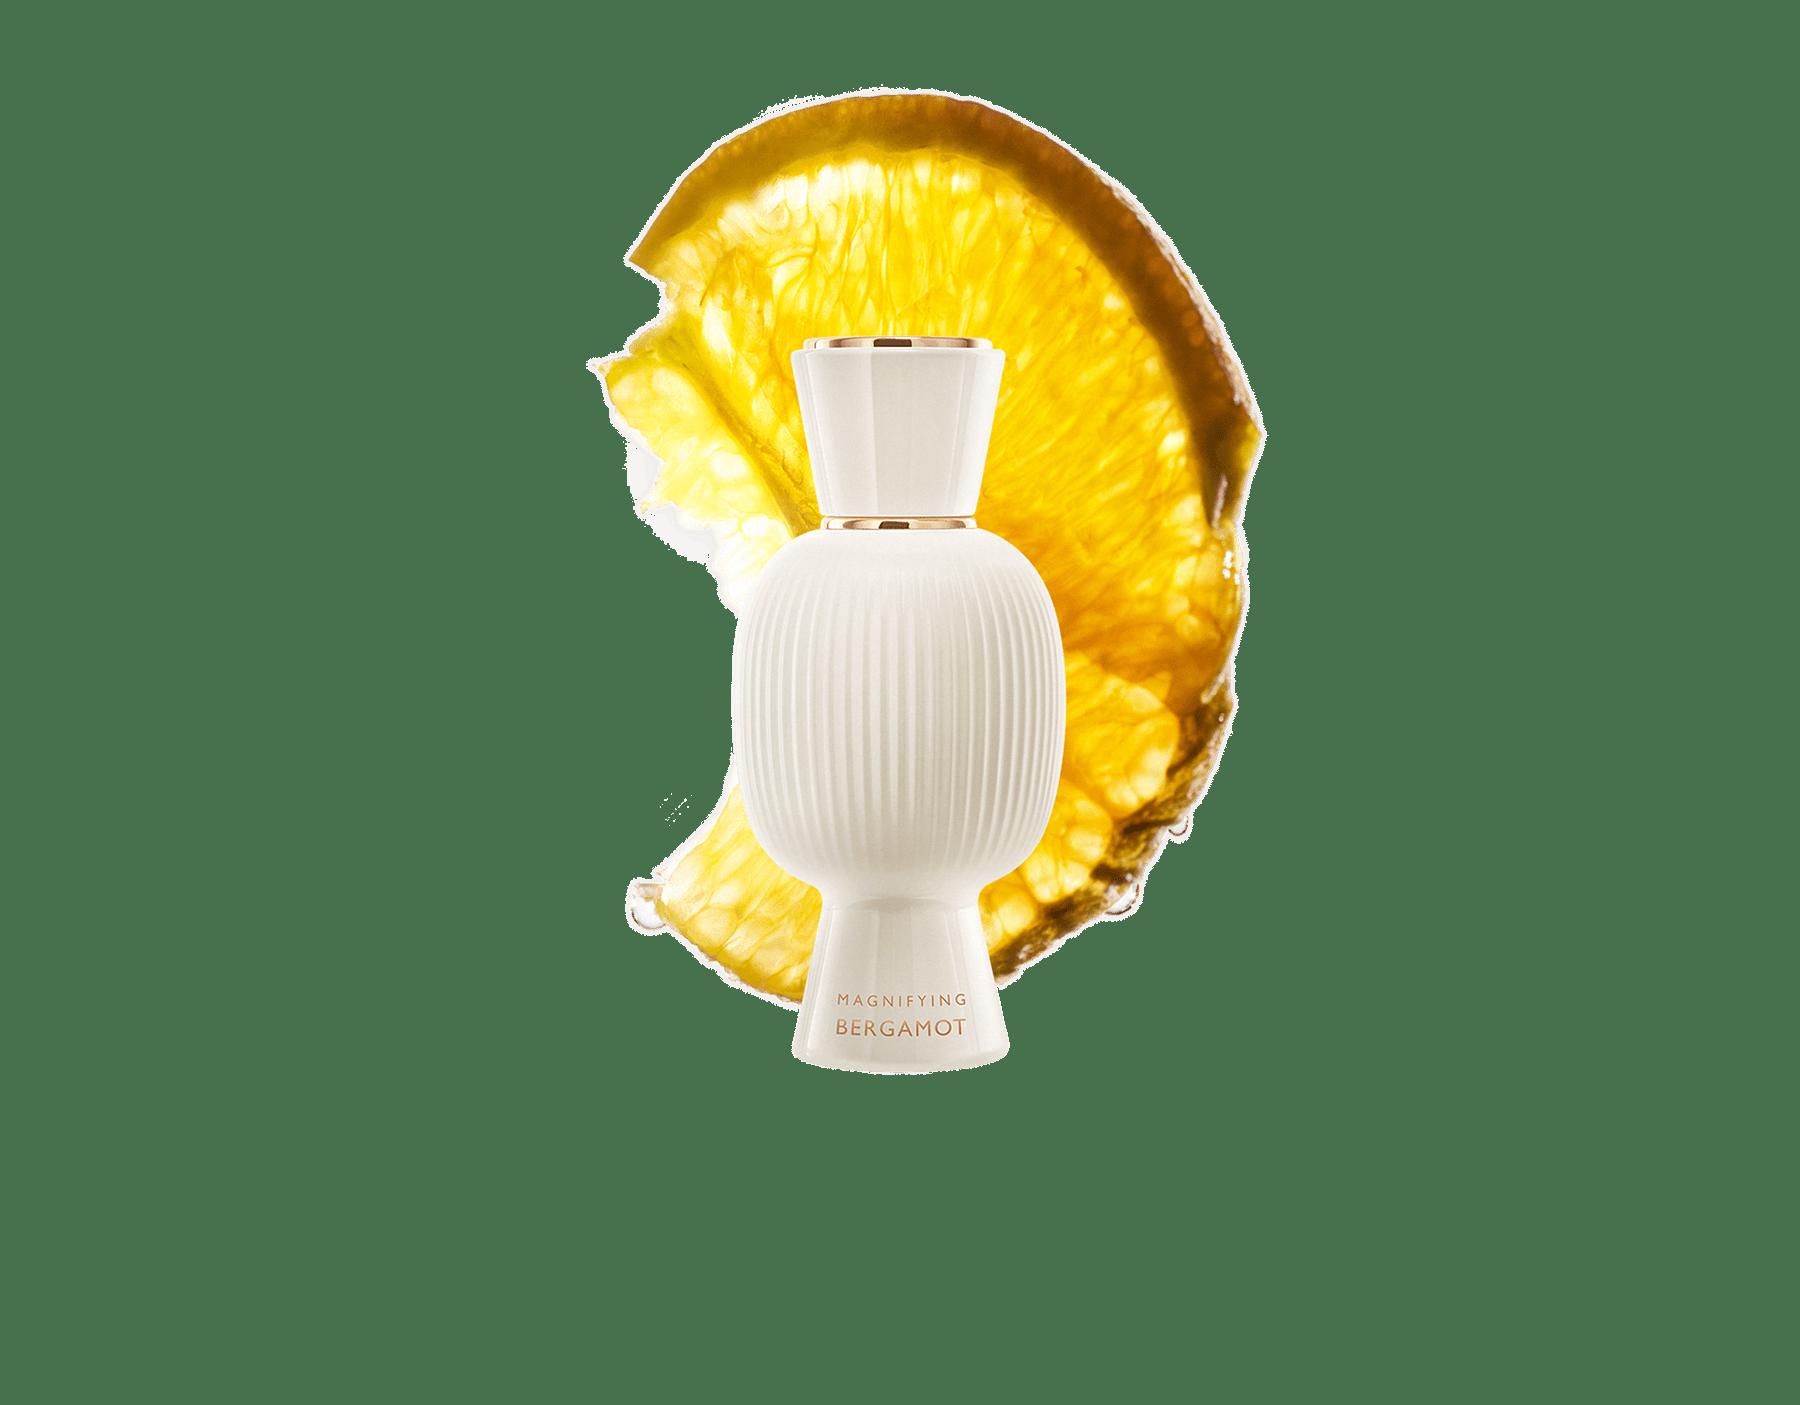 充滿活力的 Magnifying Bergamot 讓您的淡香精散發清新香息。<br>#放大更多喜悅 41277 image 1